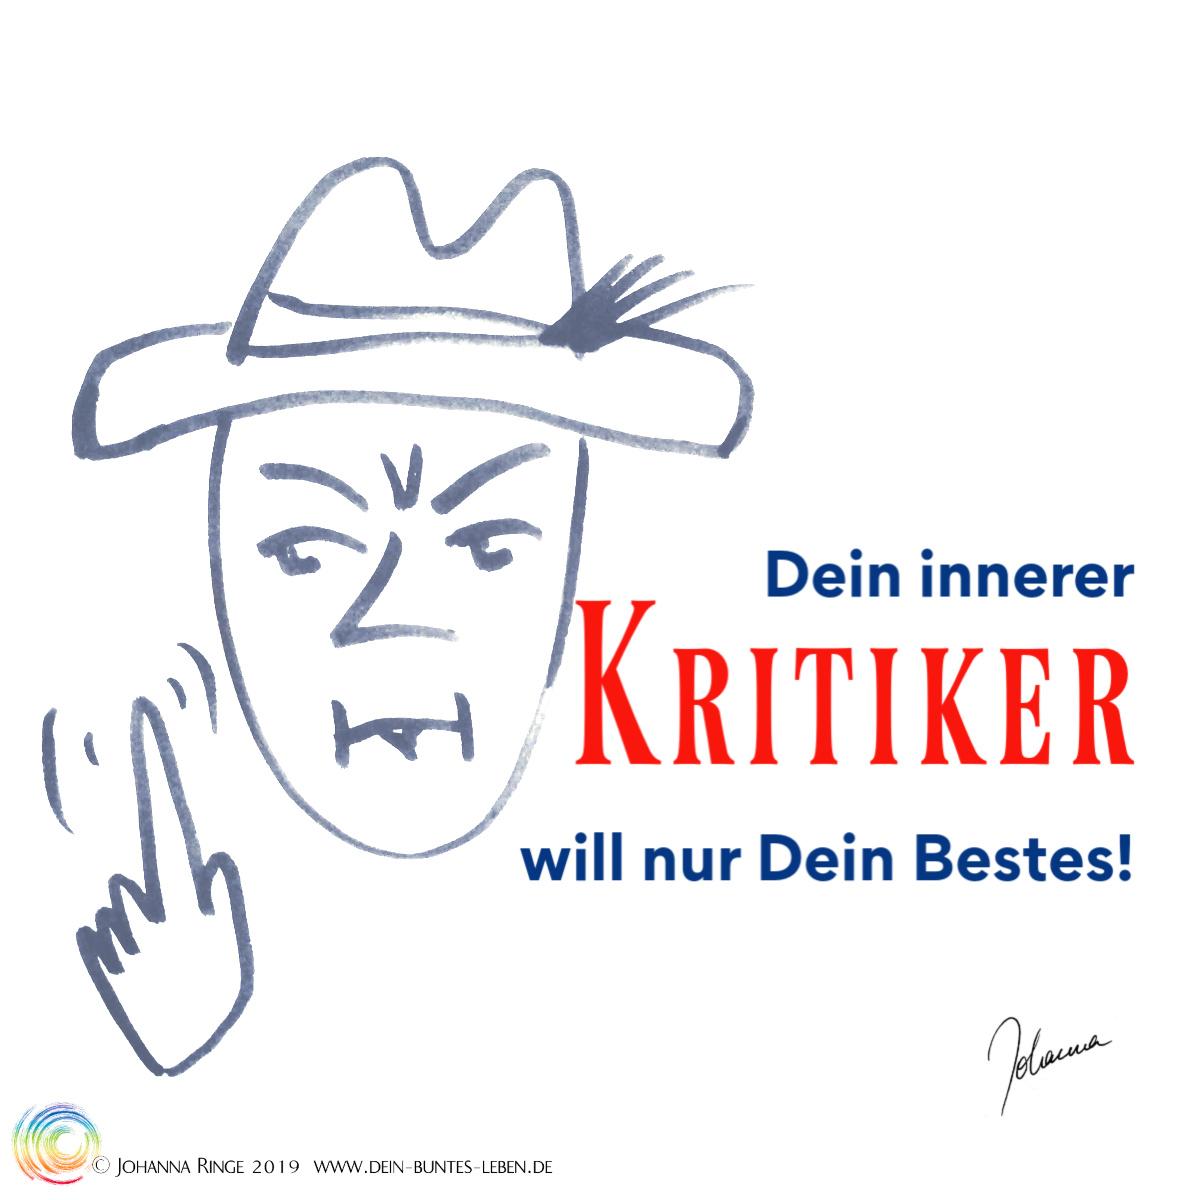 Dein innerer Kritiker will nur Dein Bestes! Text neben Zeichnung einer streng blickenden Mannes mit hut, der dir den Zeigefinger entgegenreckt. ©Johanna Ringe 2019 www.dein-buntes-leben.de